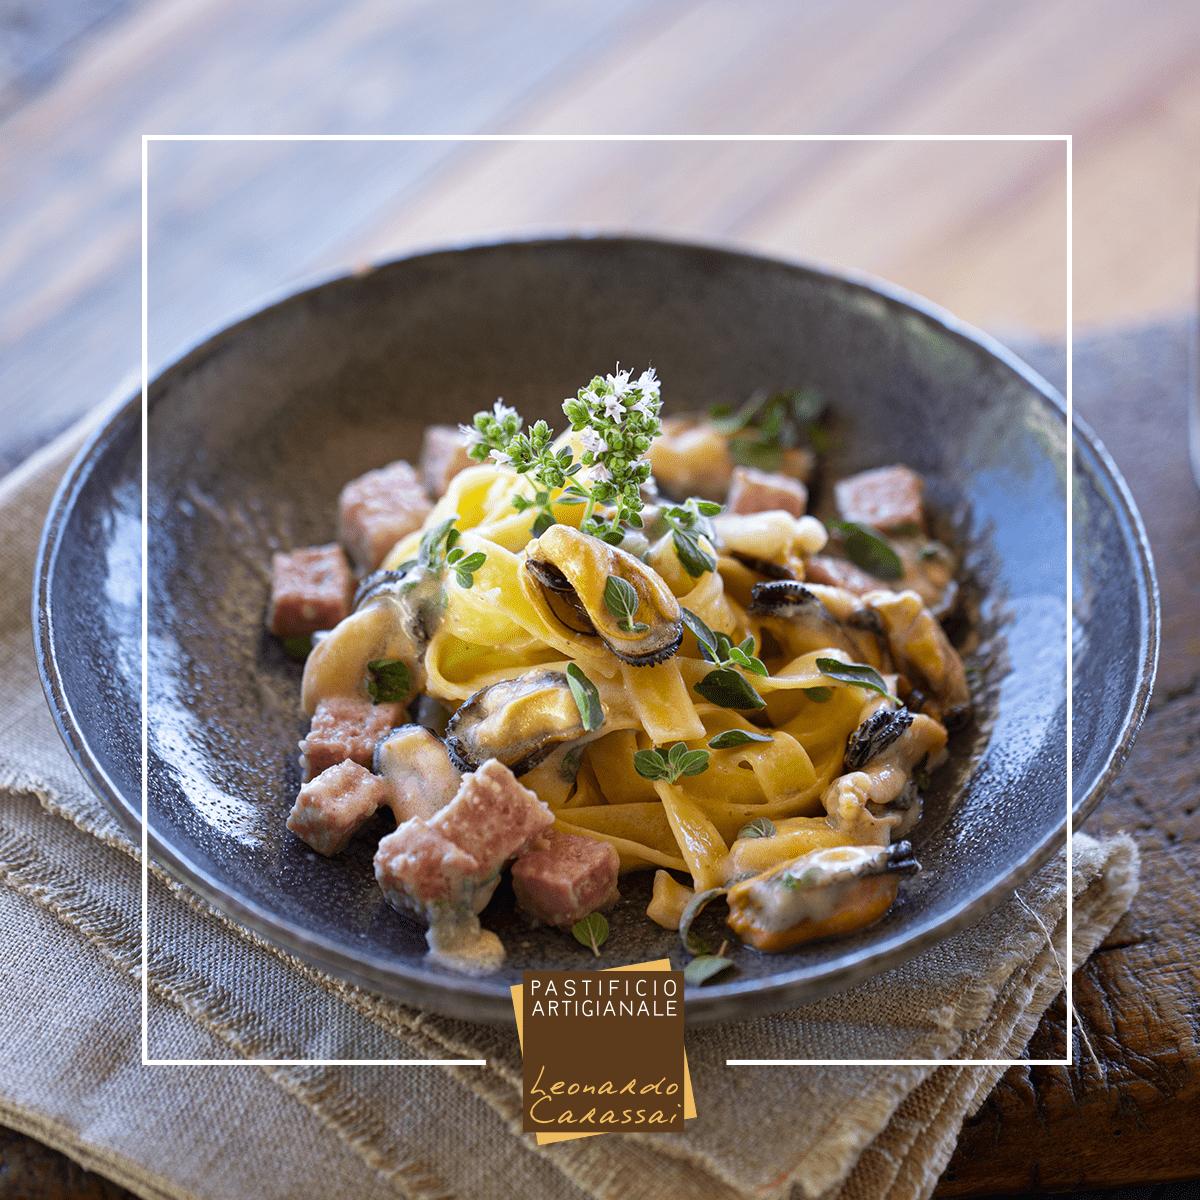 La ricetta con Tagliatelle di Campofilone cozze e ciauscolo